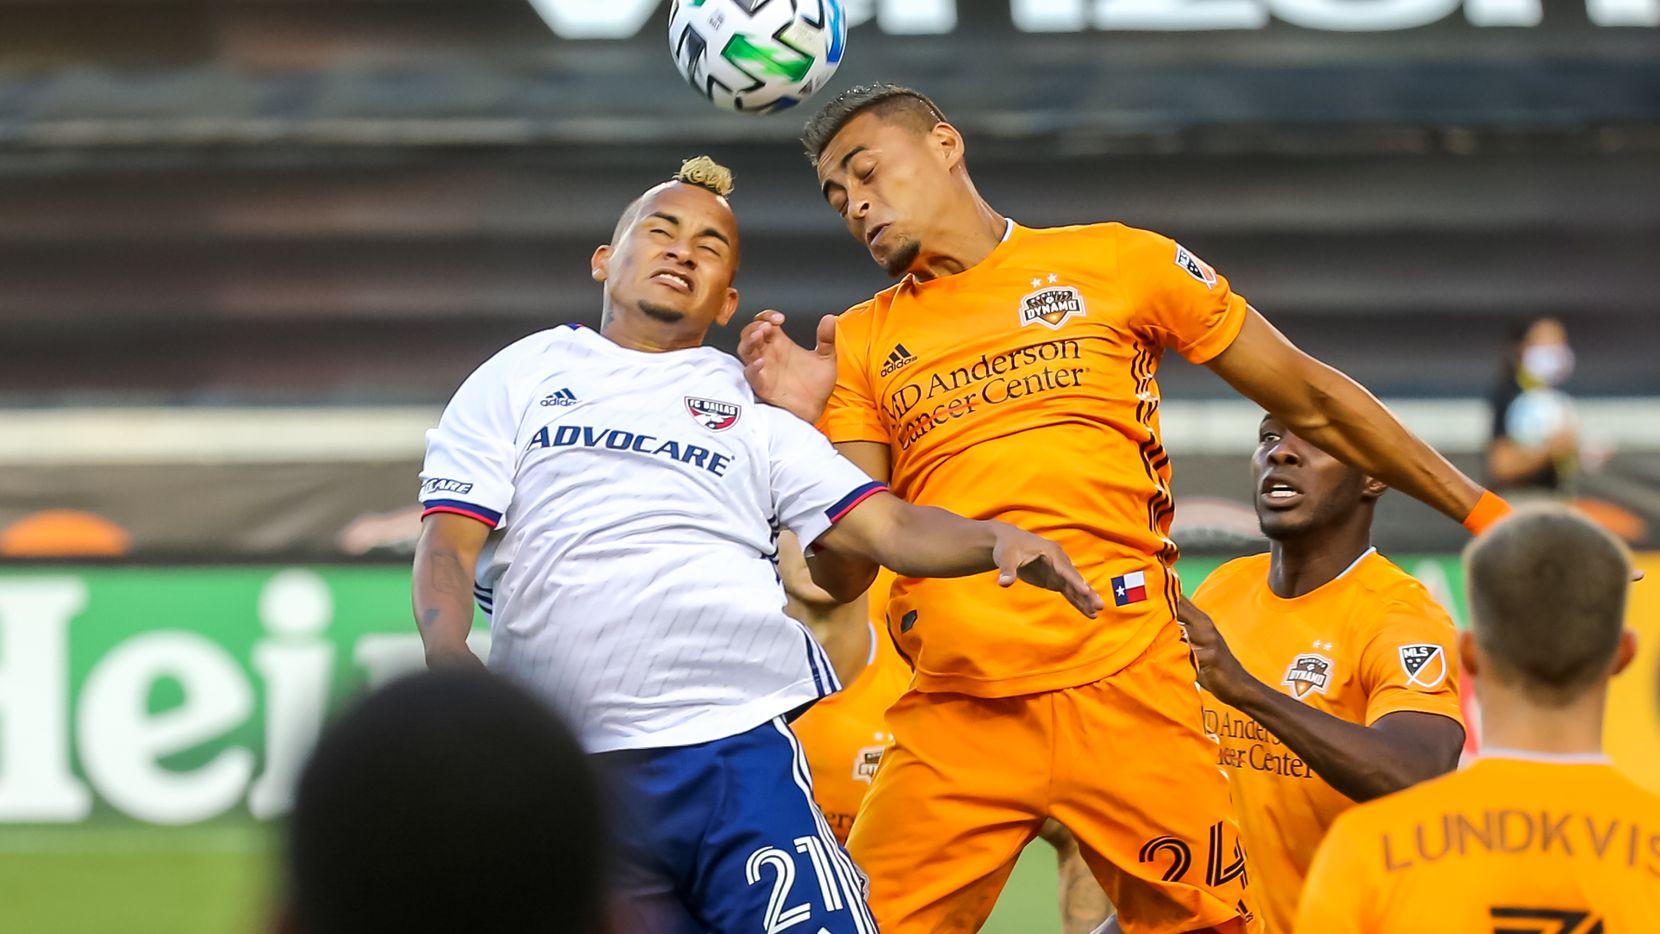 La acción de la MLS estará presente en el Toyota Stadium de Frisco cuando el FC Dallas reciba al Colorado Rapids, el miércoles 26 de agosto.